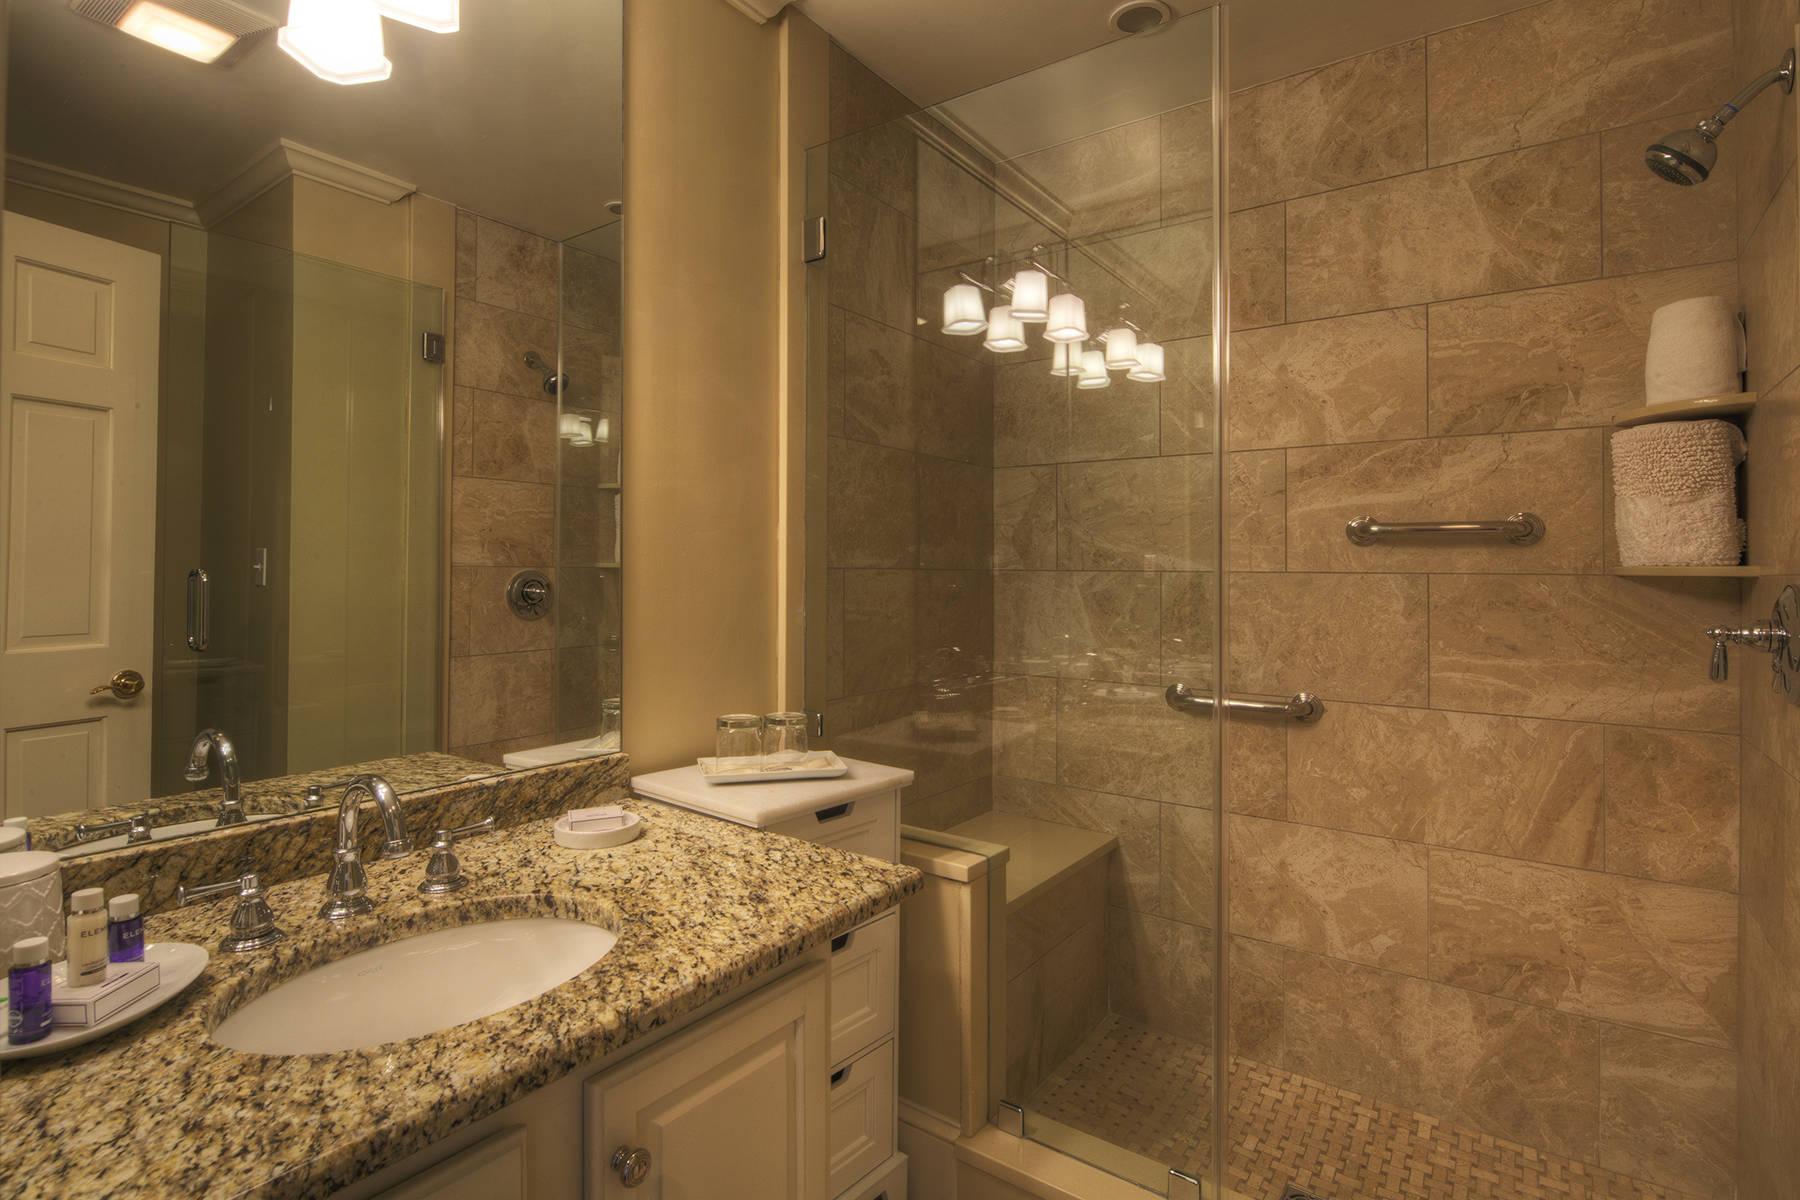 bathroom IA